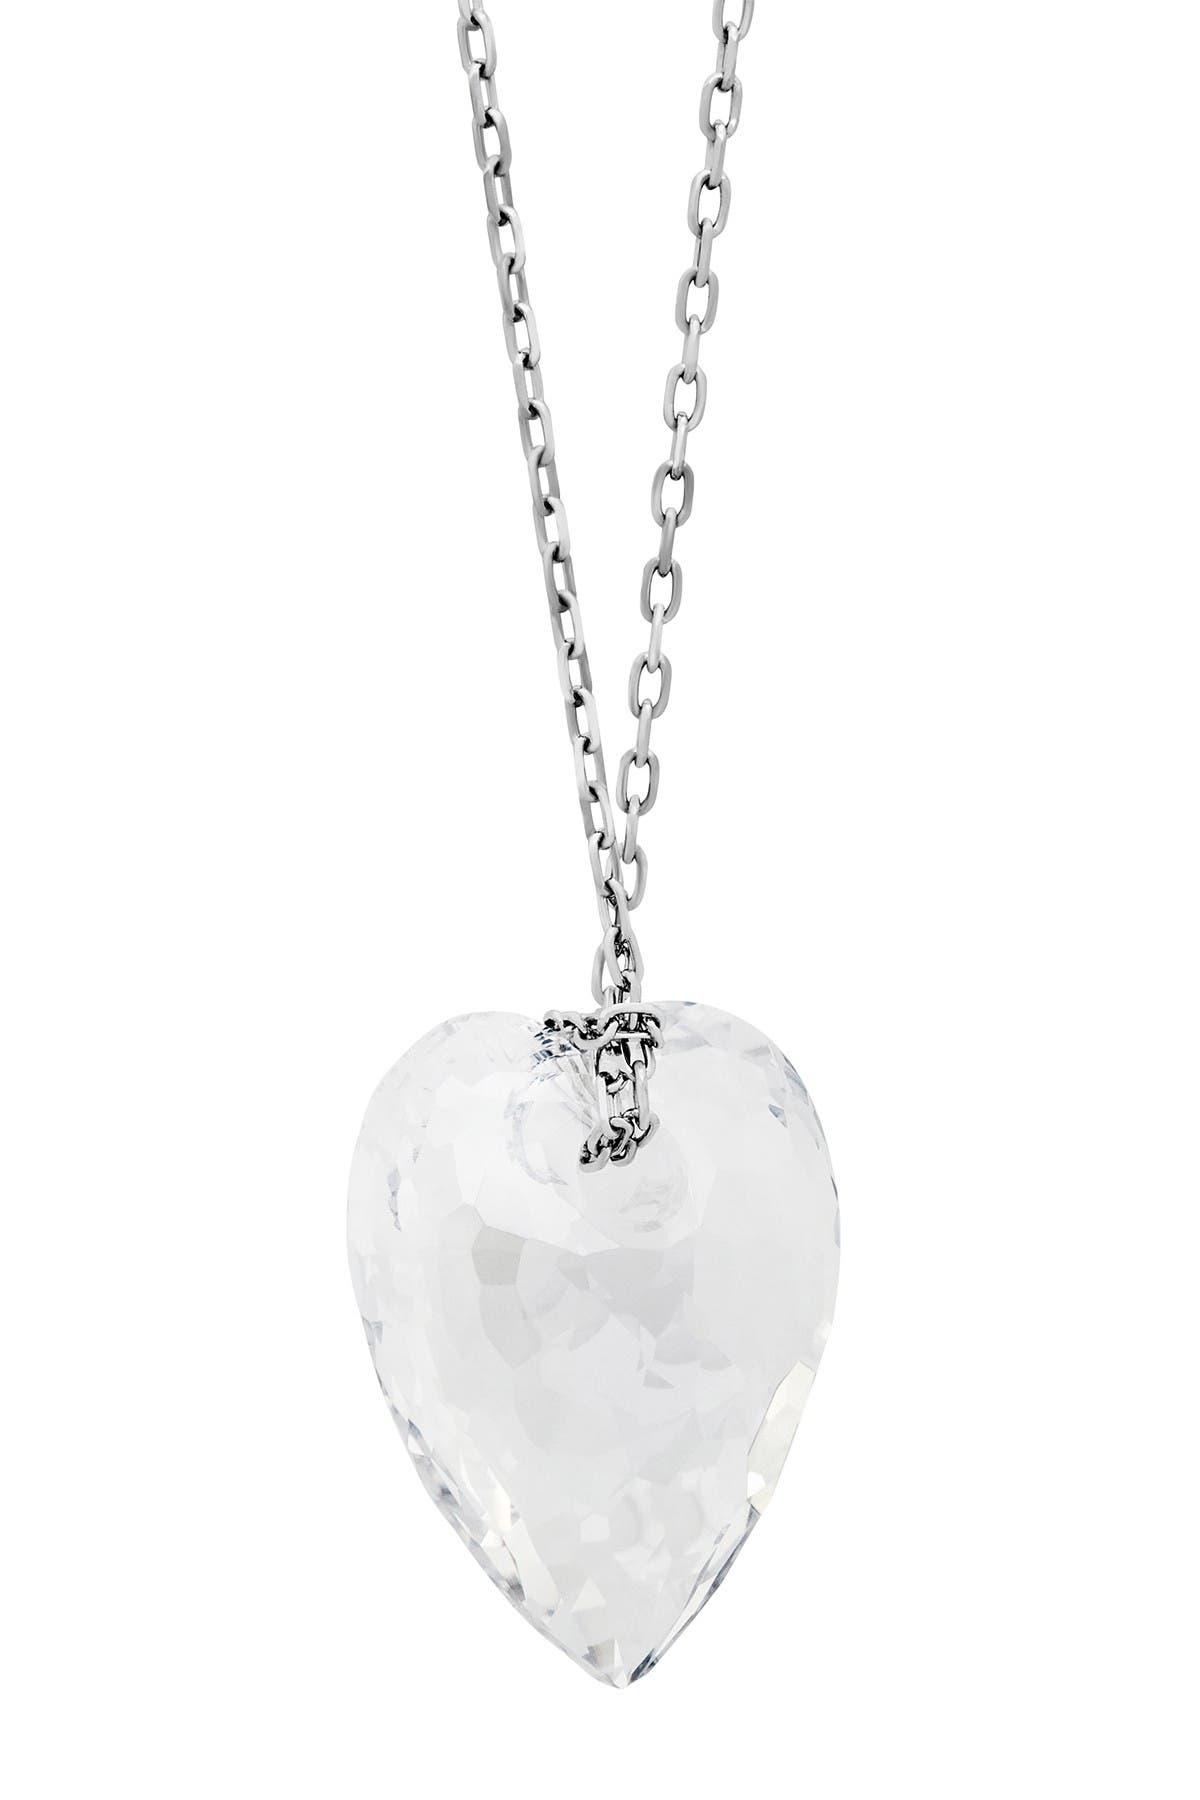 Image of Swarovski Nectar Pendant Necklace